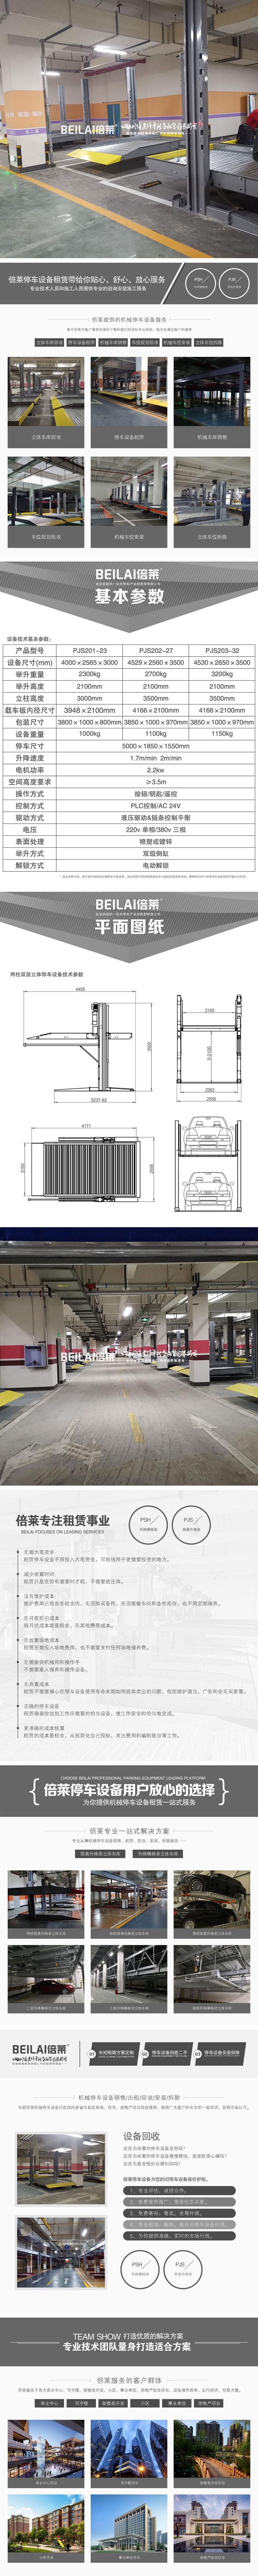 嘉陵復式機械停車庫回收德昌PXD巷道堆垛類機械式倍萊機械立體